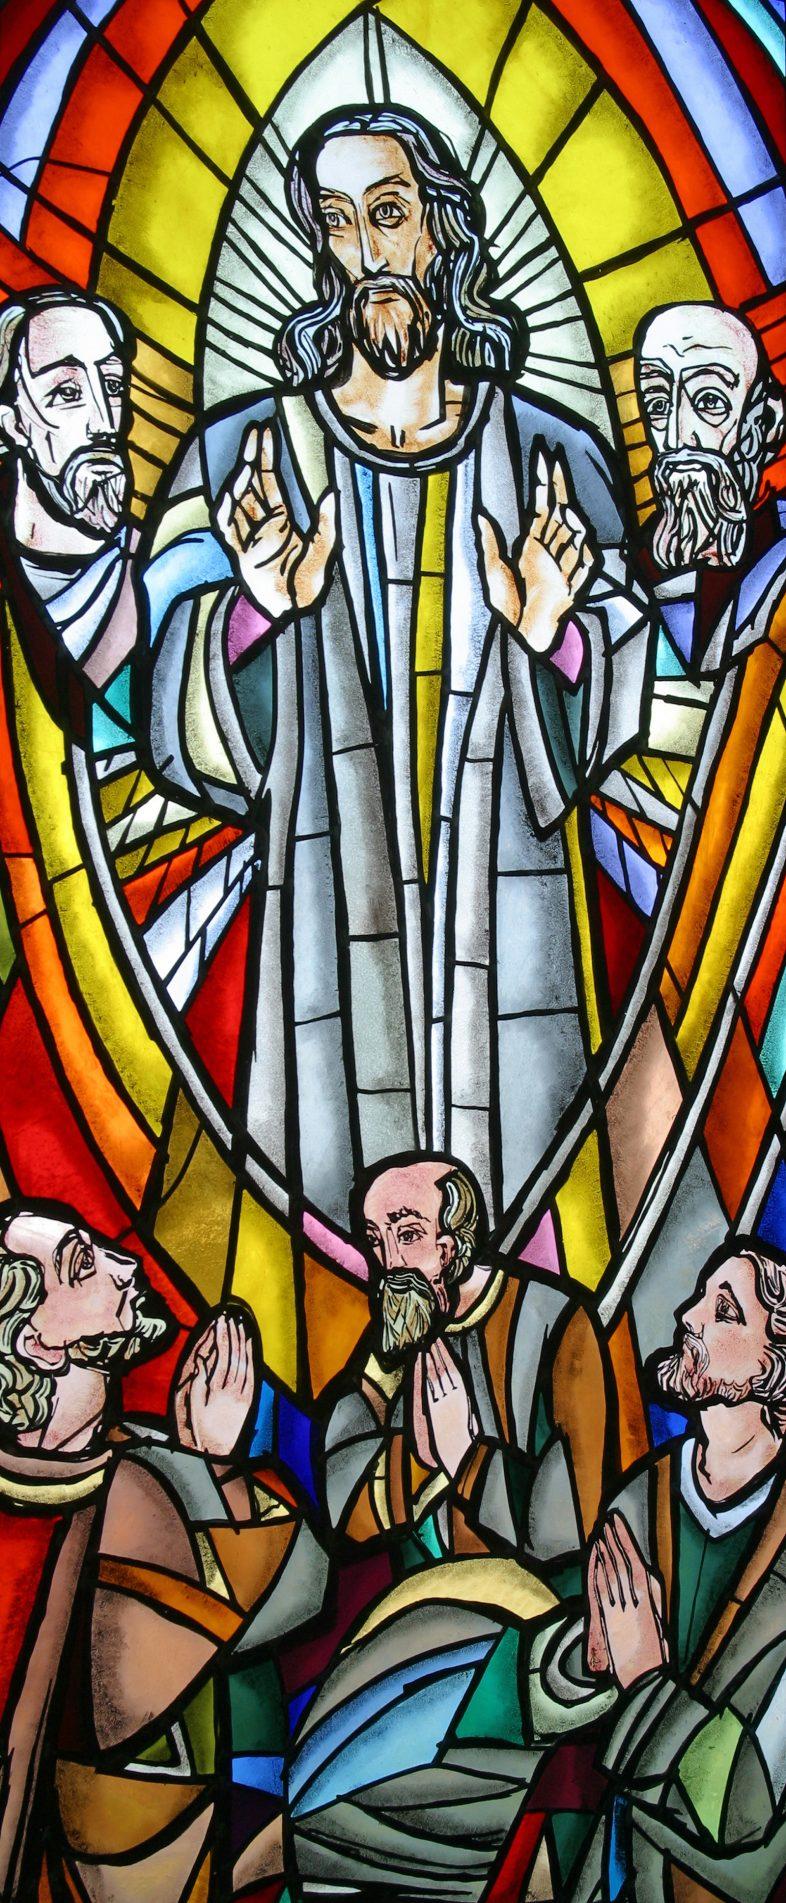 Transfiguration of Jesus according to Mark